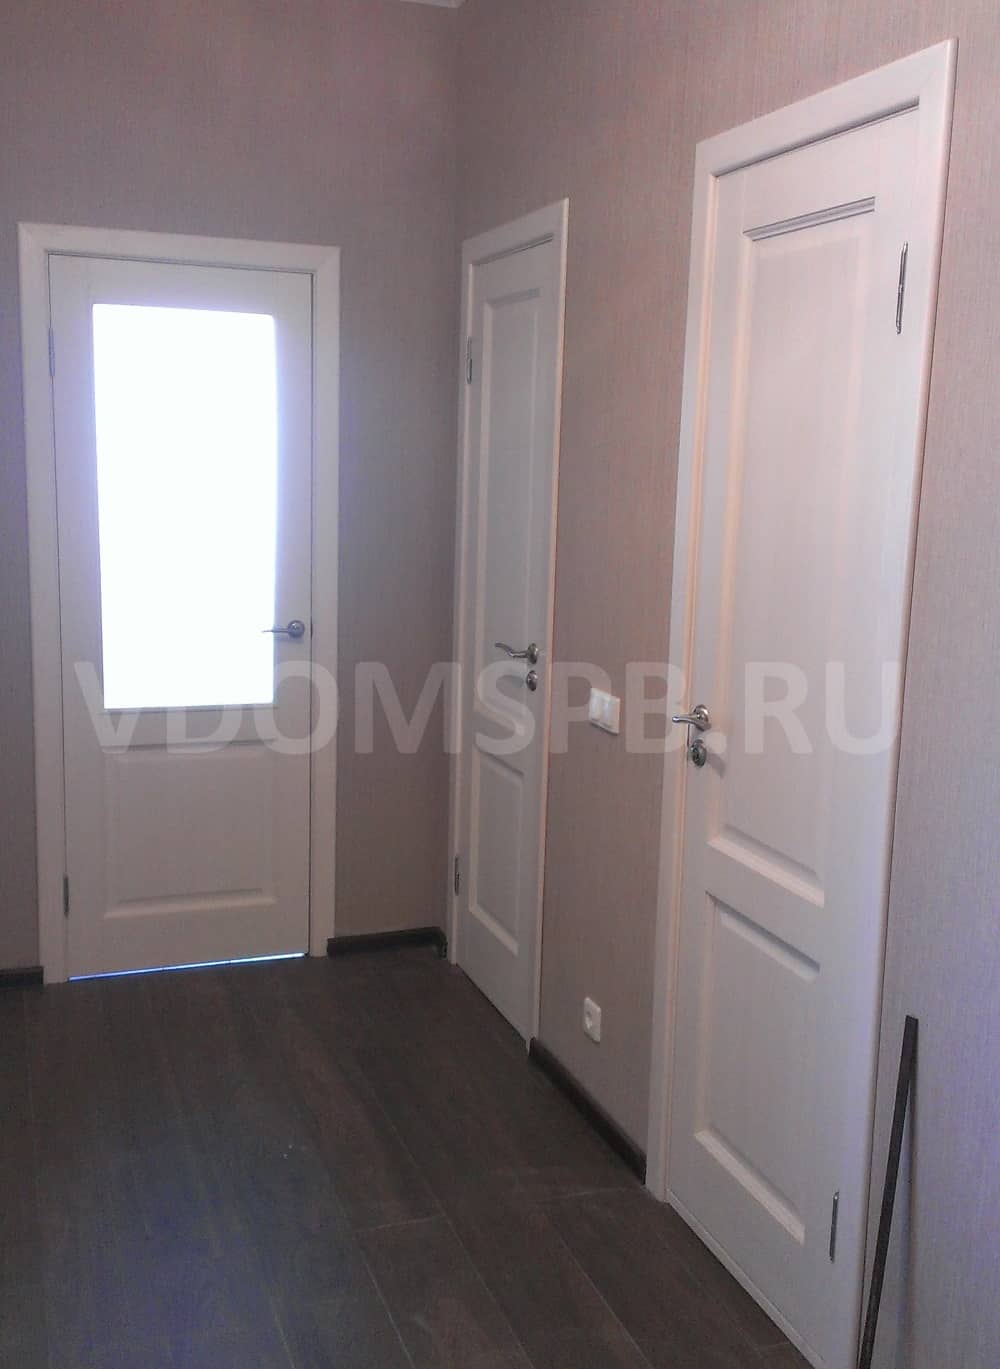 Двери из массива сосны с покрытием белый воск